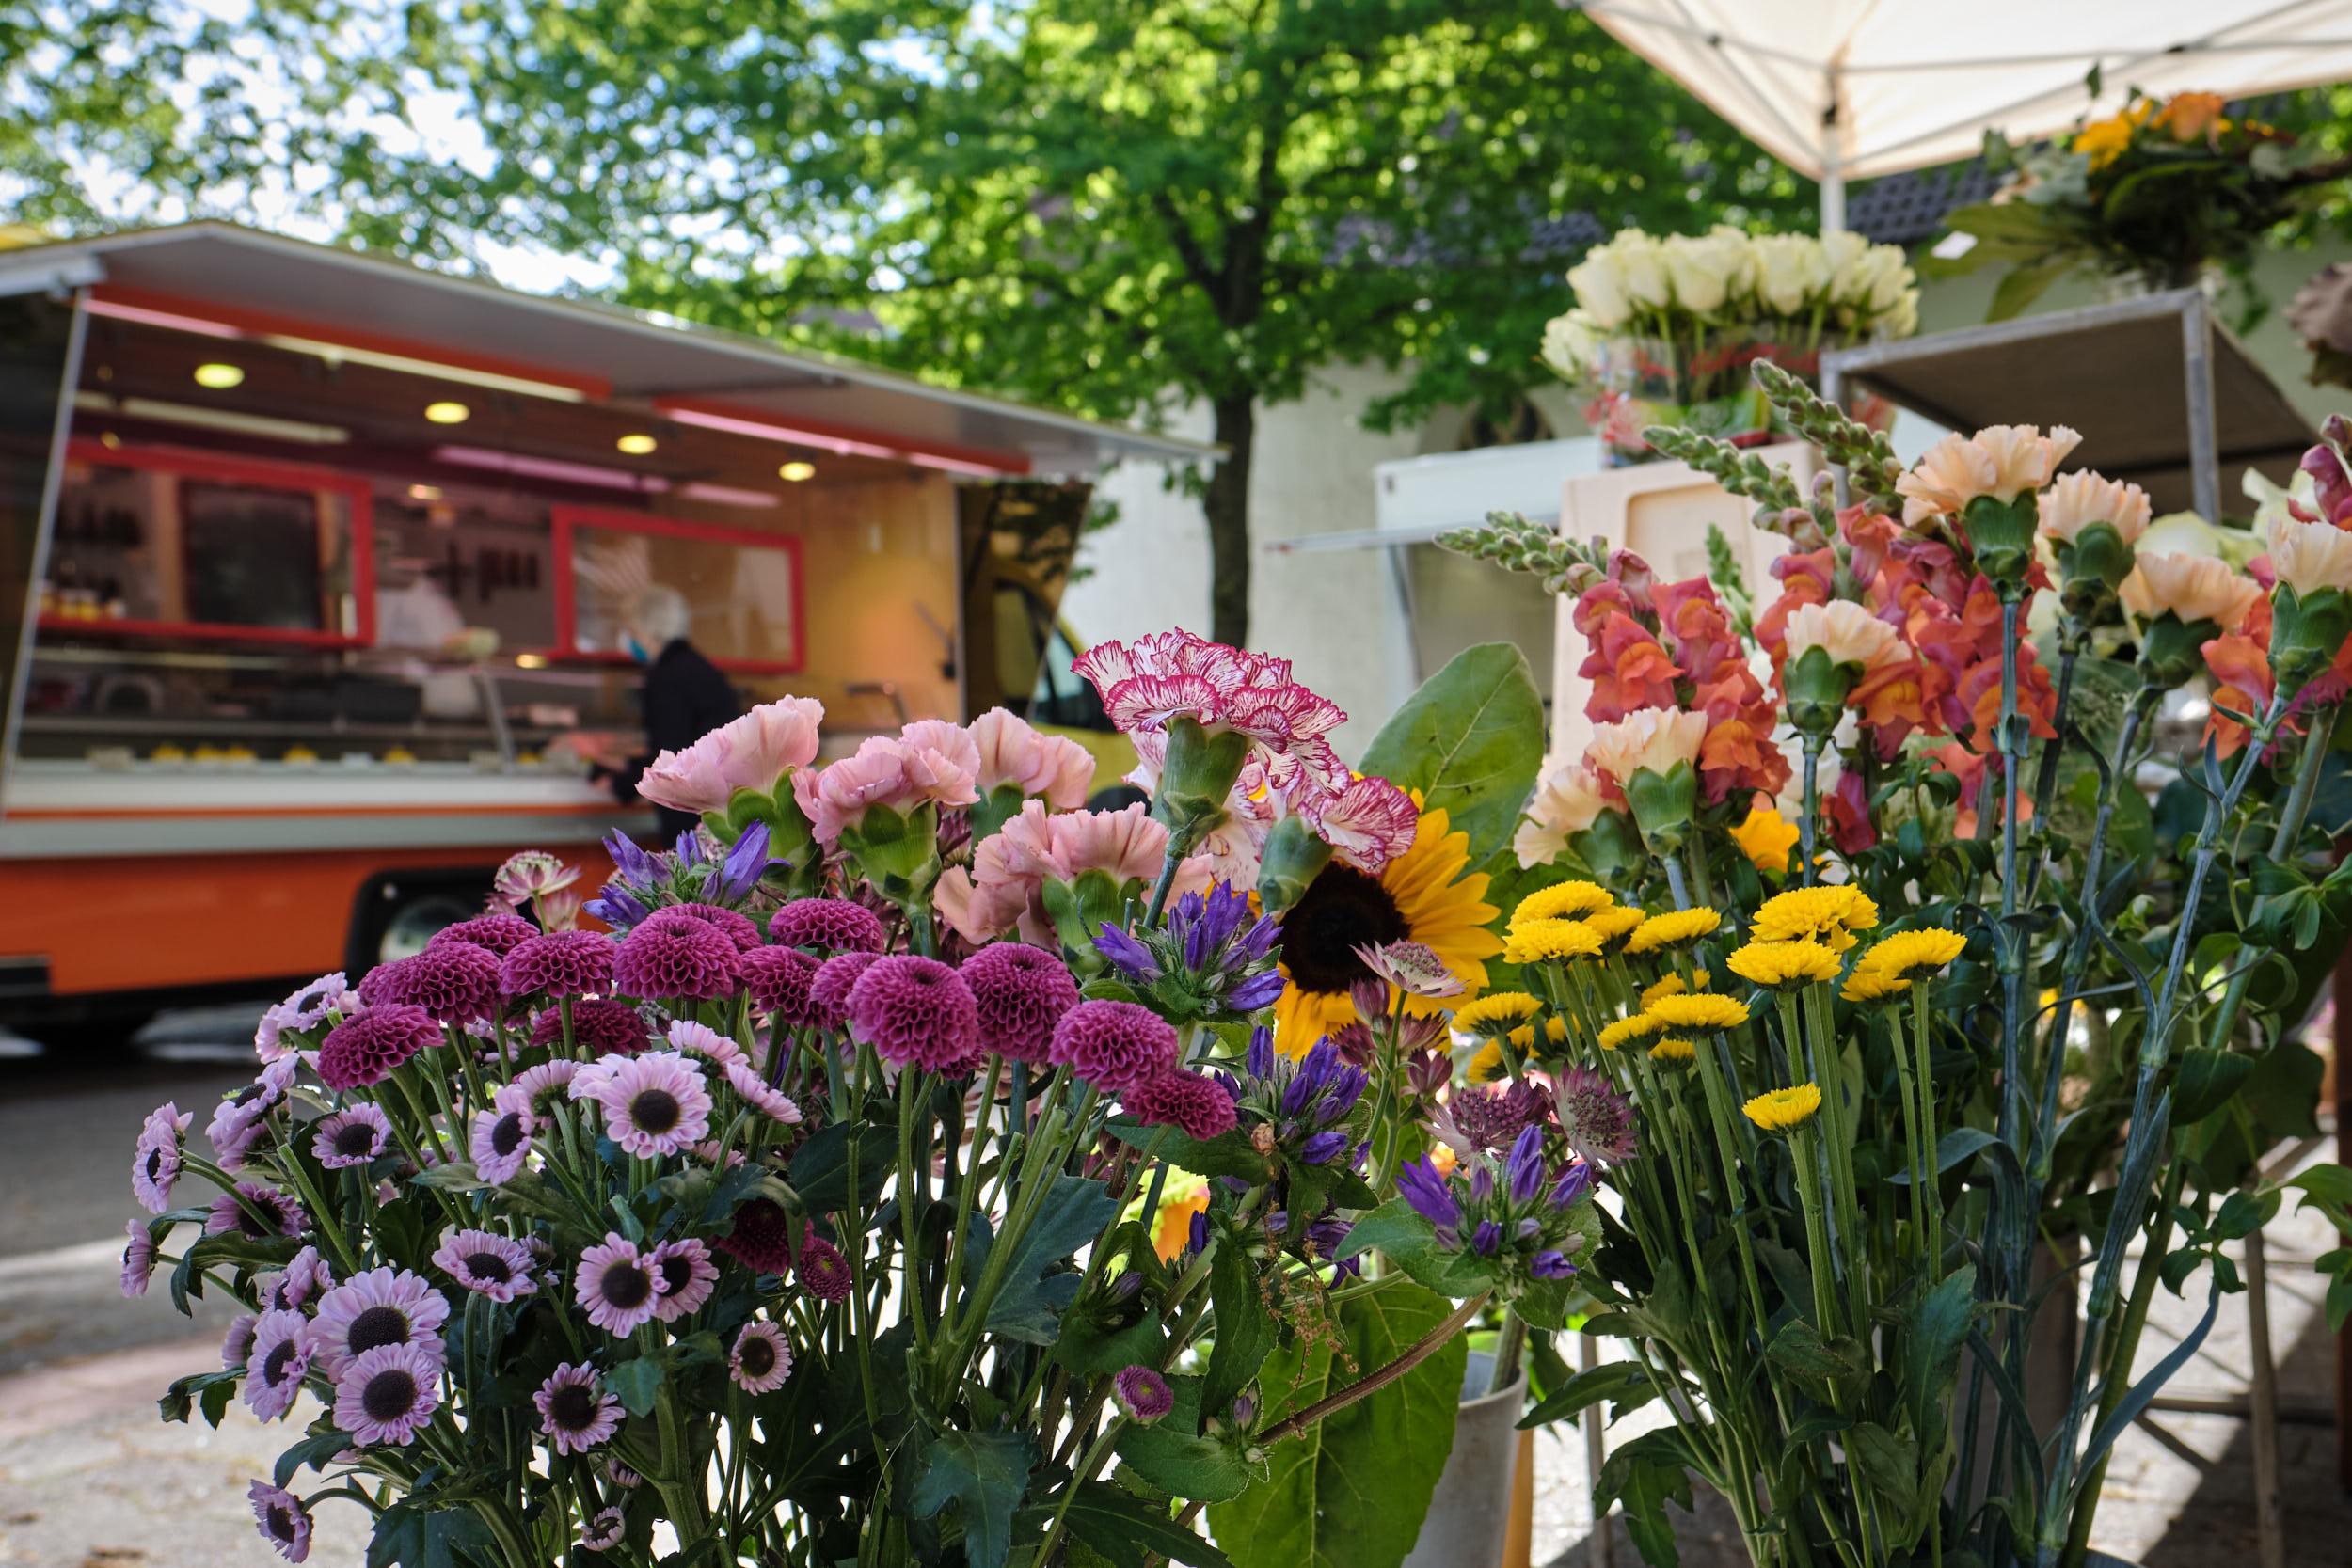 Wochenmarkt Kirchplatz Vlotho